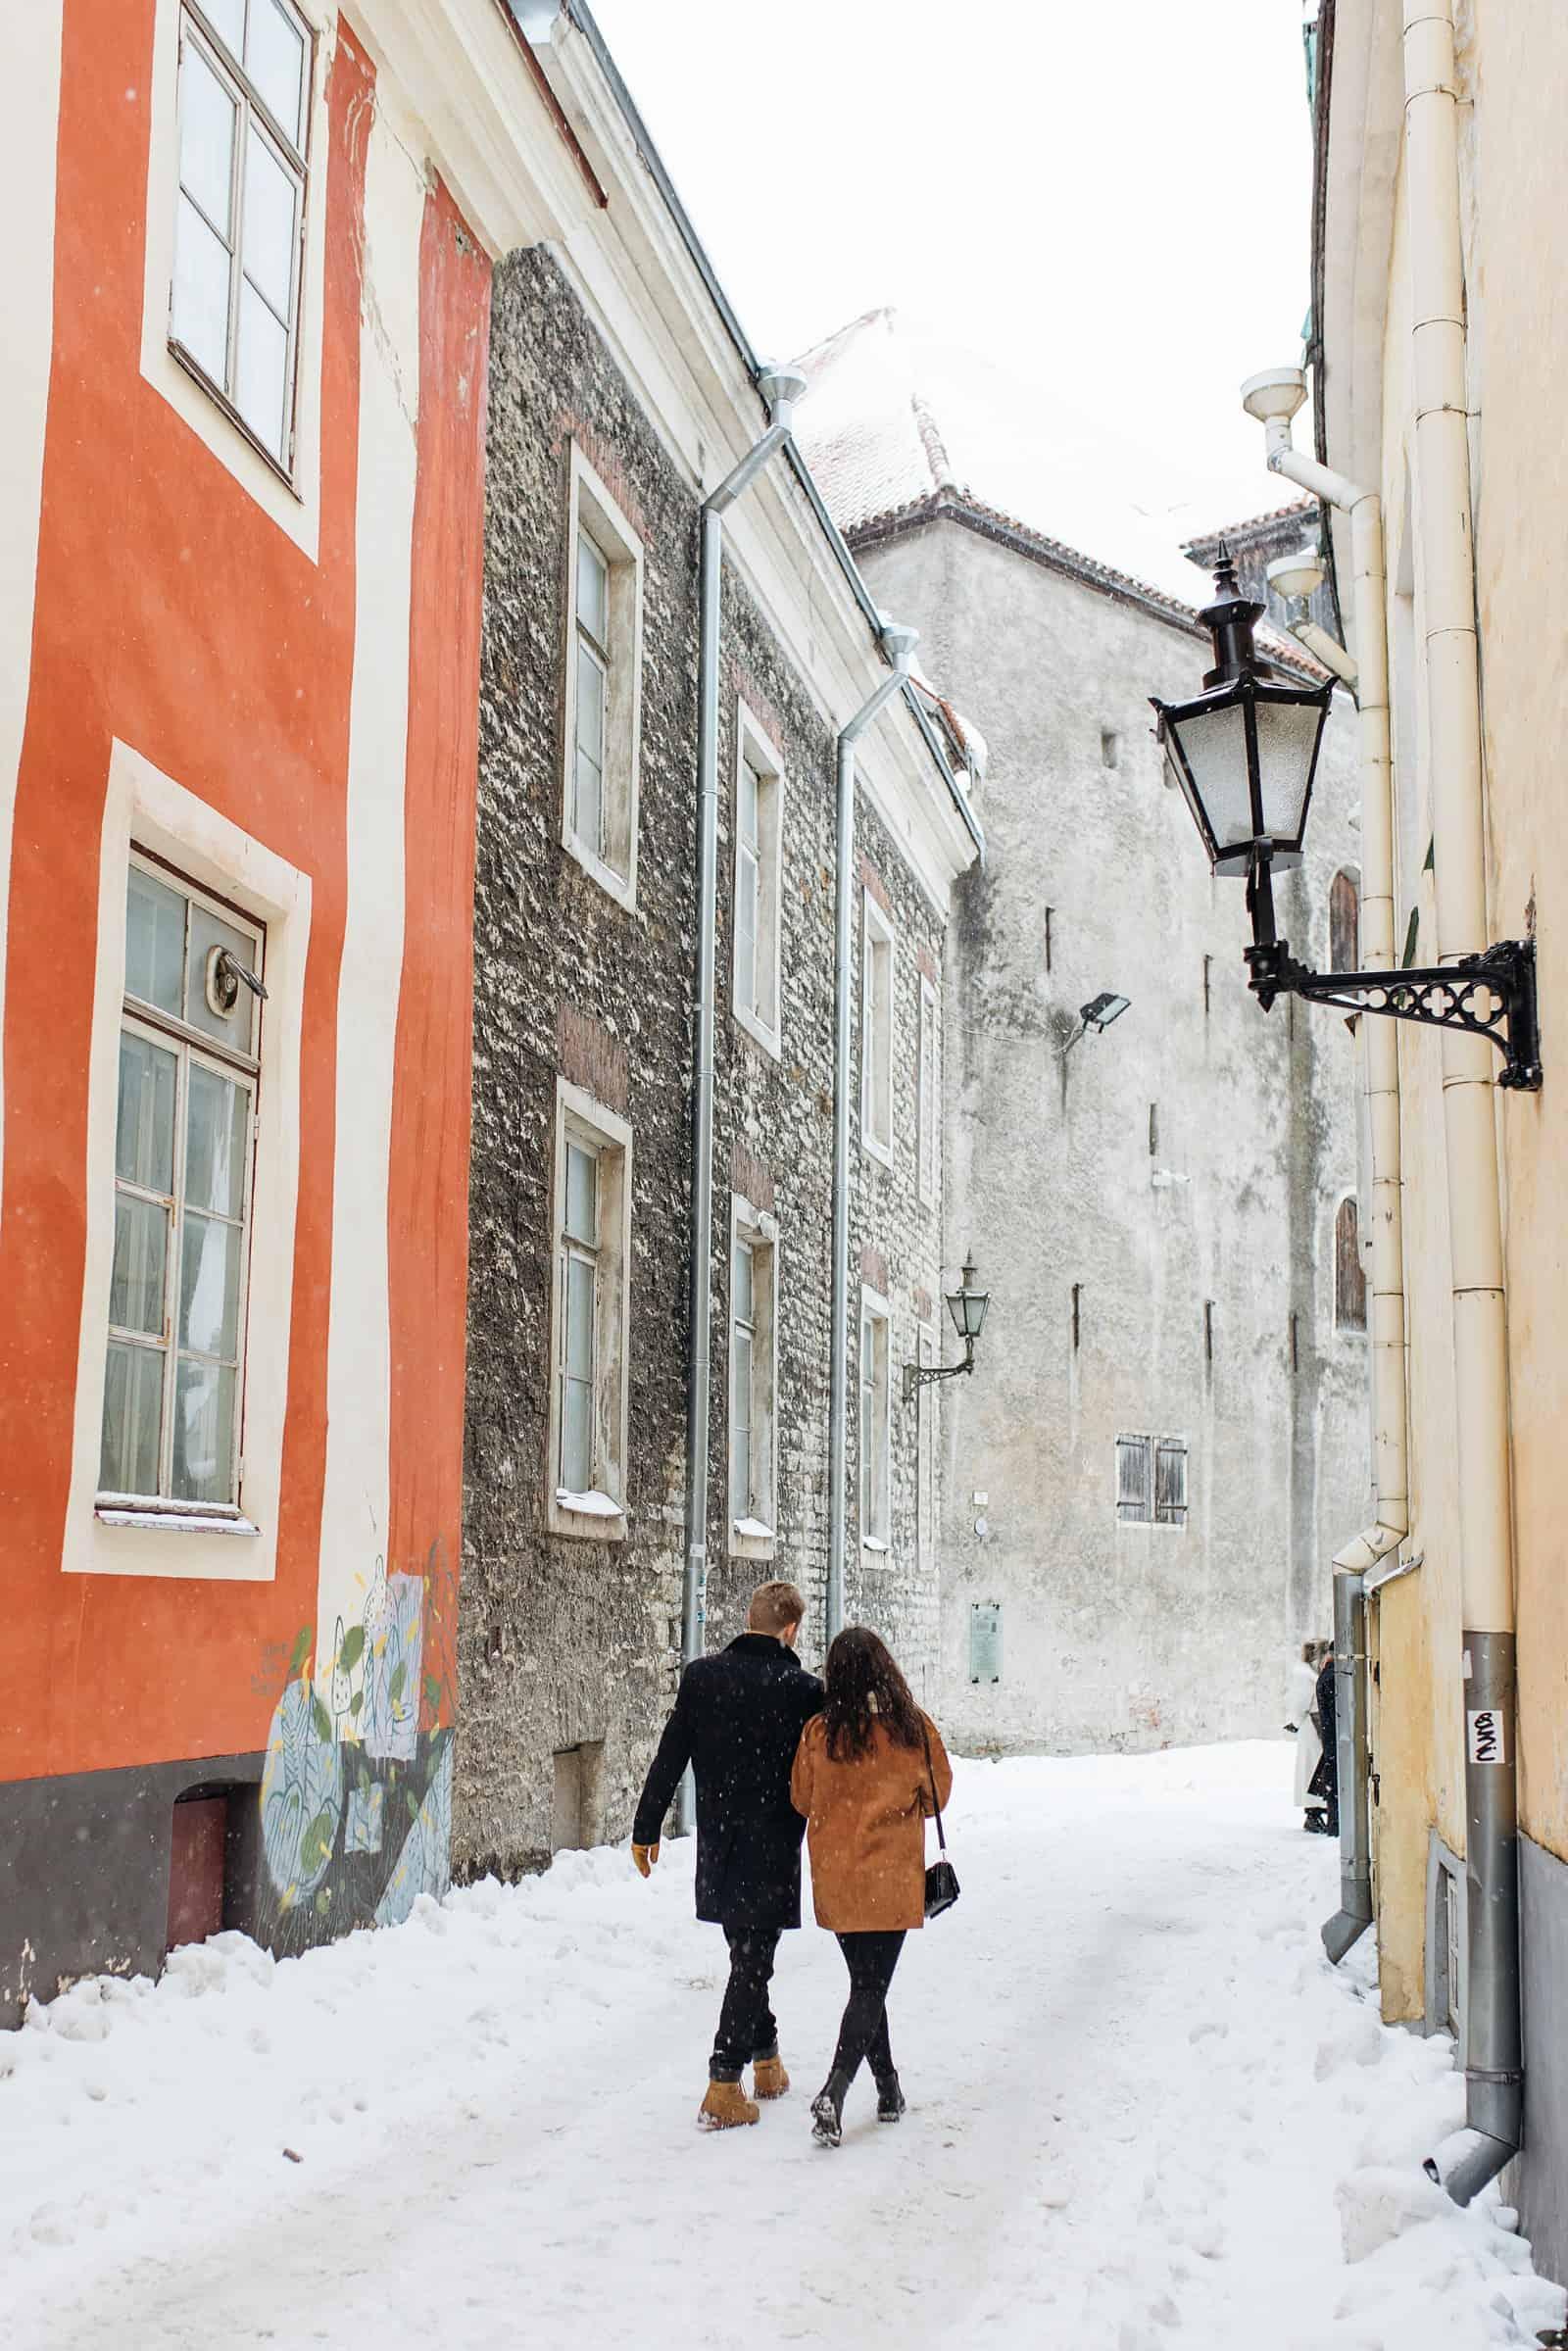 couple walking through snowing Estonia European town